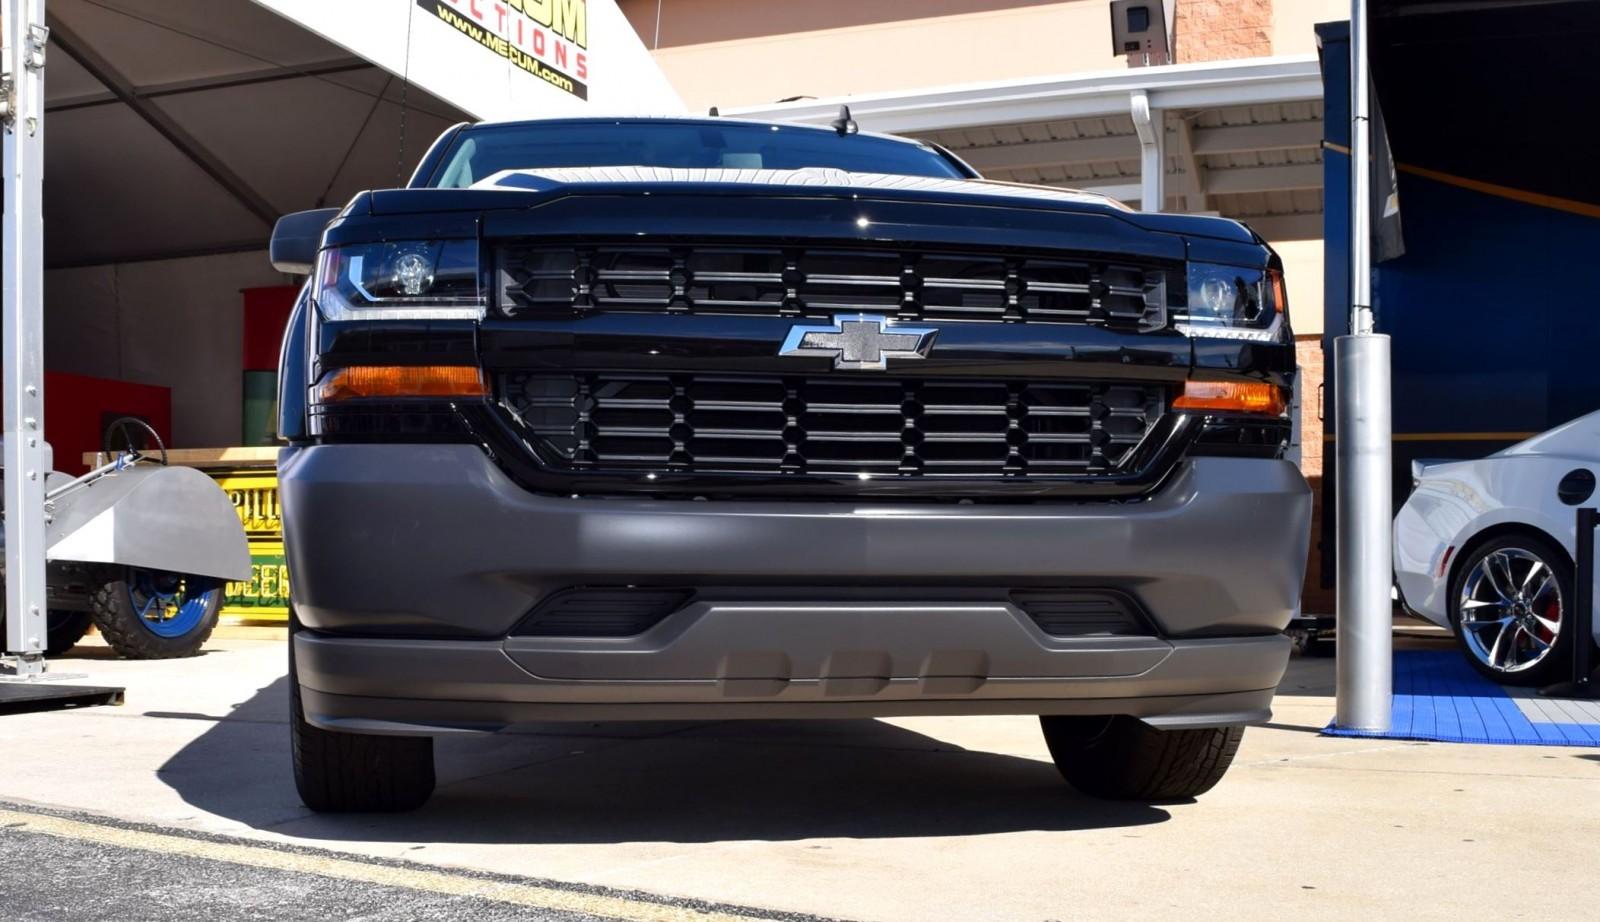 Chevy Silverado Special Edition Trucks at Spitzer ...  Silverado Black Edition